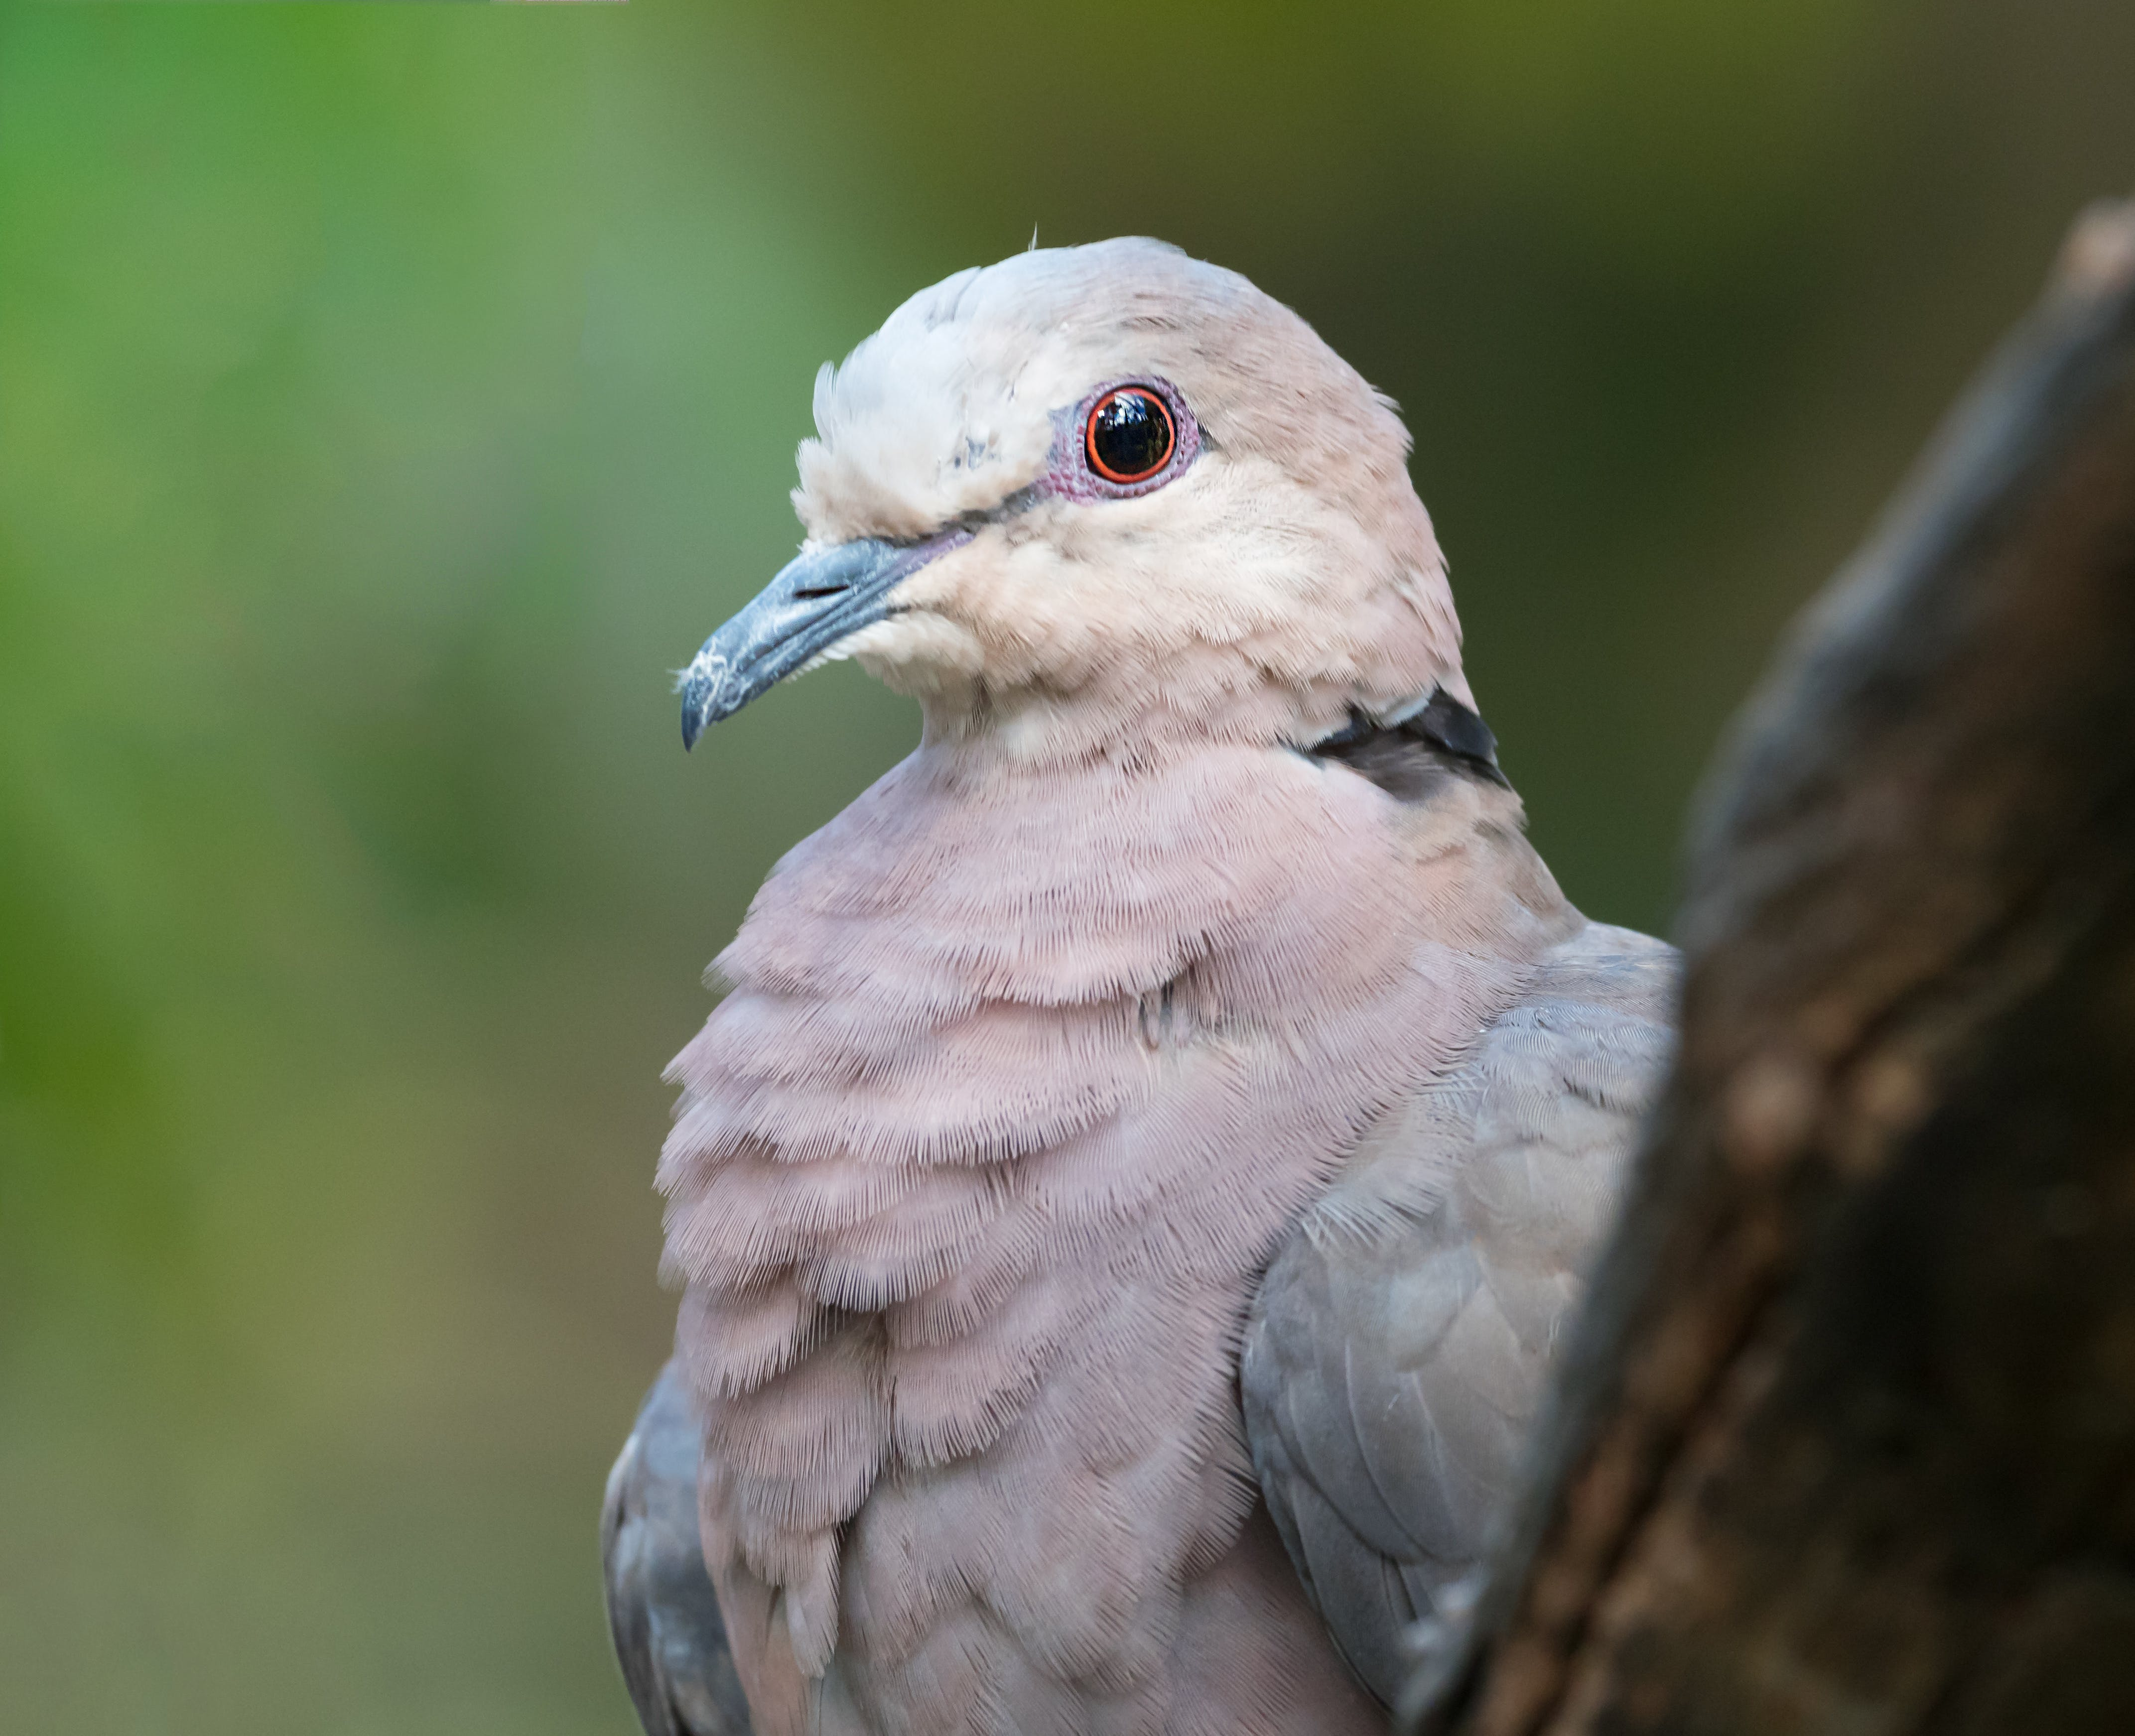 White Bird